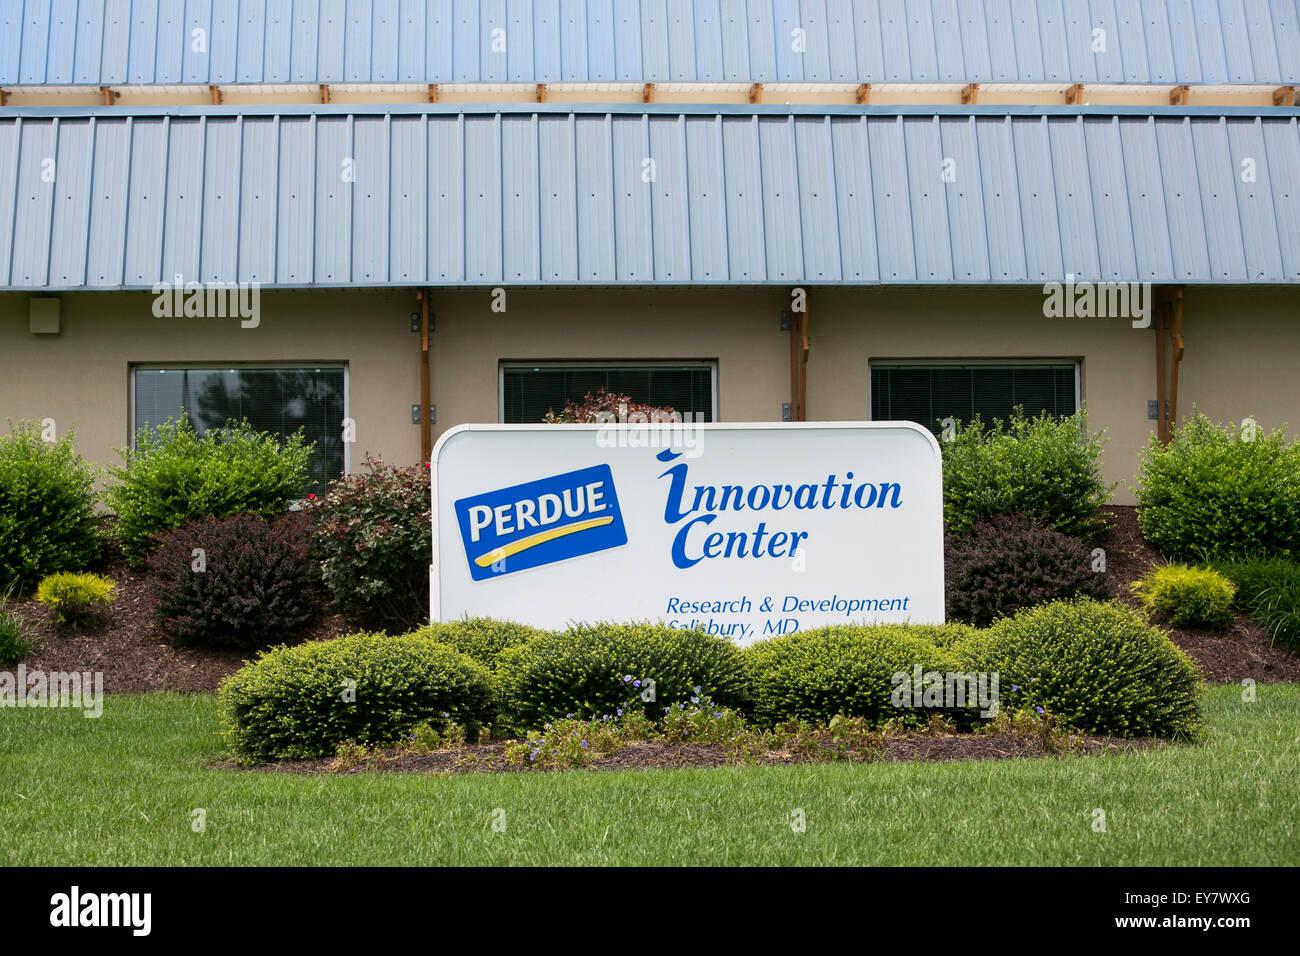 Un logo affiche à l'extérieur du centre de l'innovation Perdue Farms à Salisbury, Maryland Photo Stock